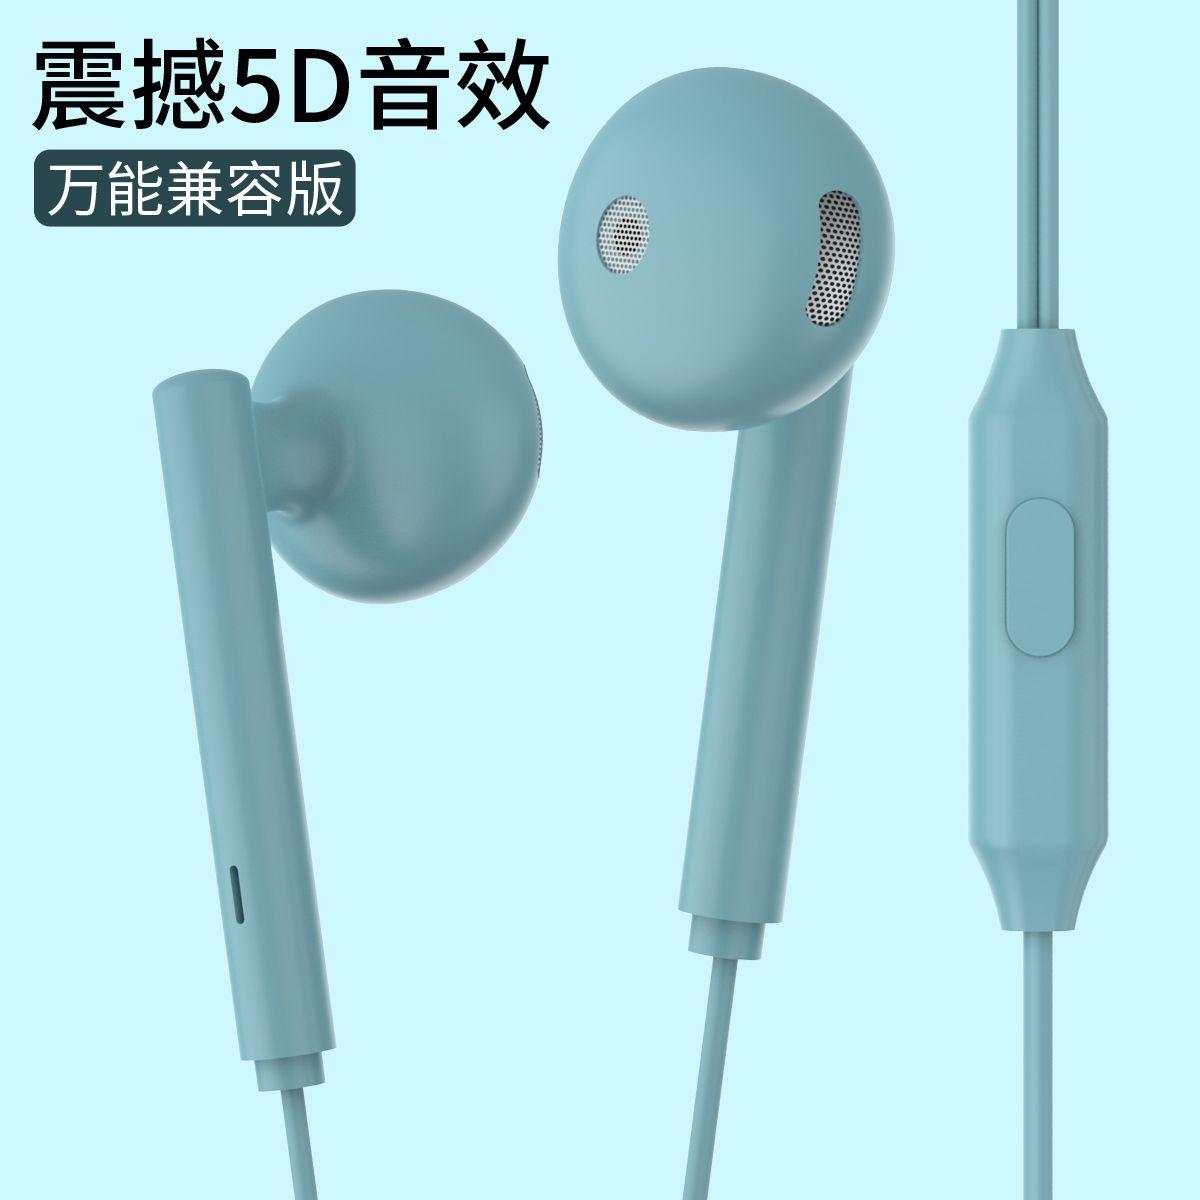 入耳式耳机四核双动圈K歌手机通用耳塞线带麦耳机线s05